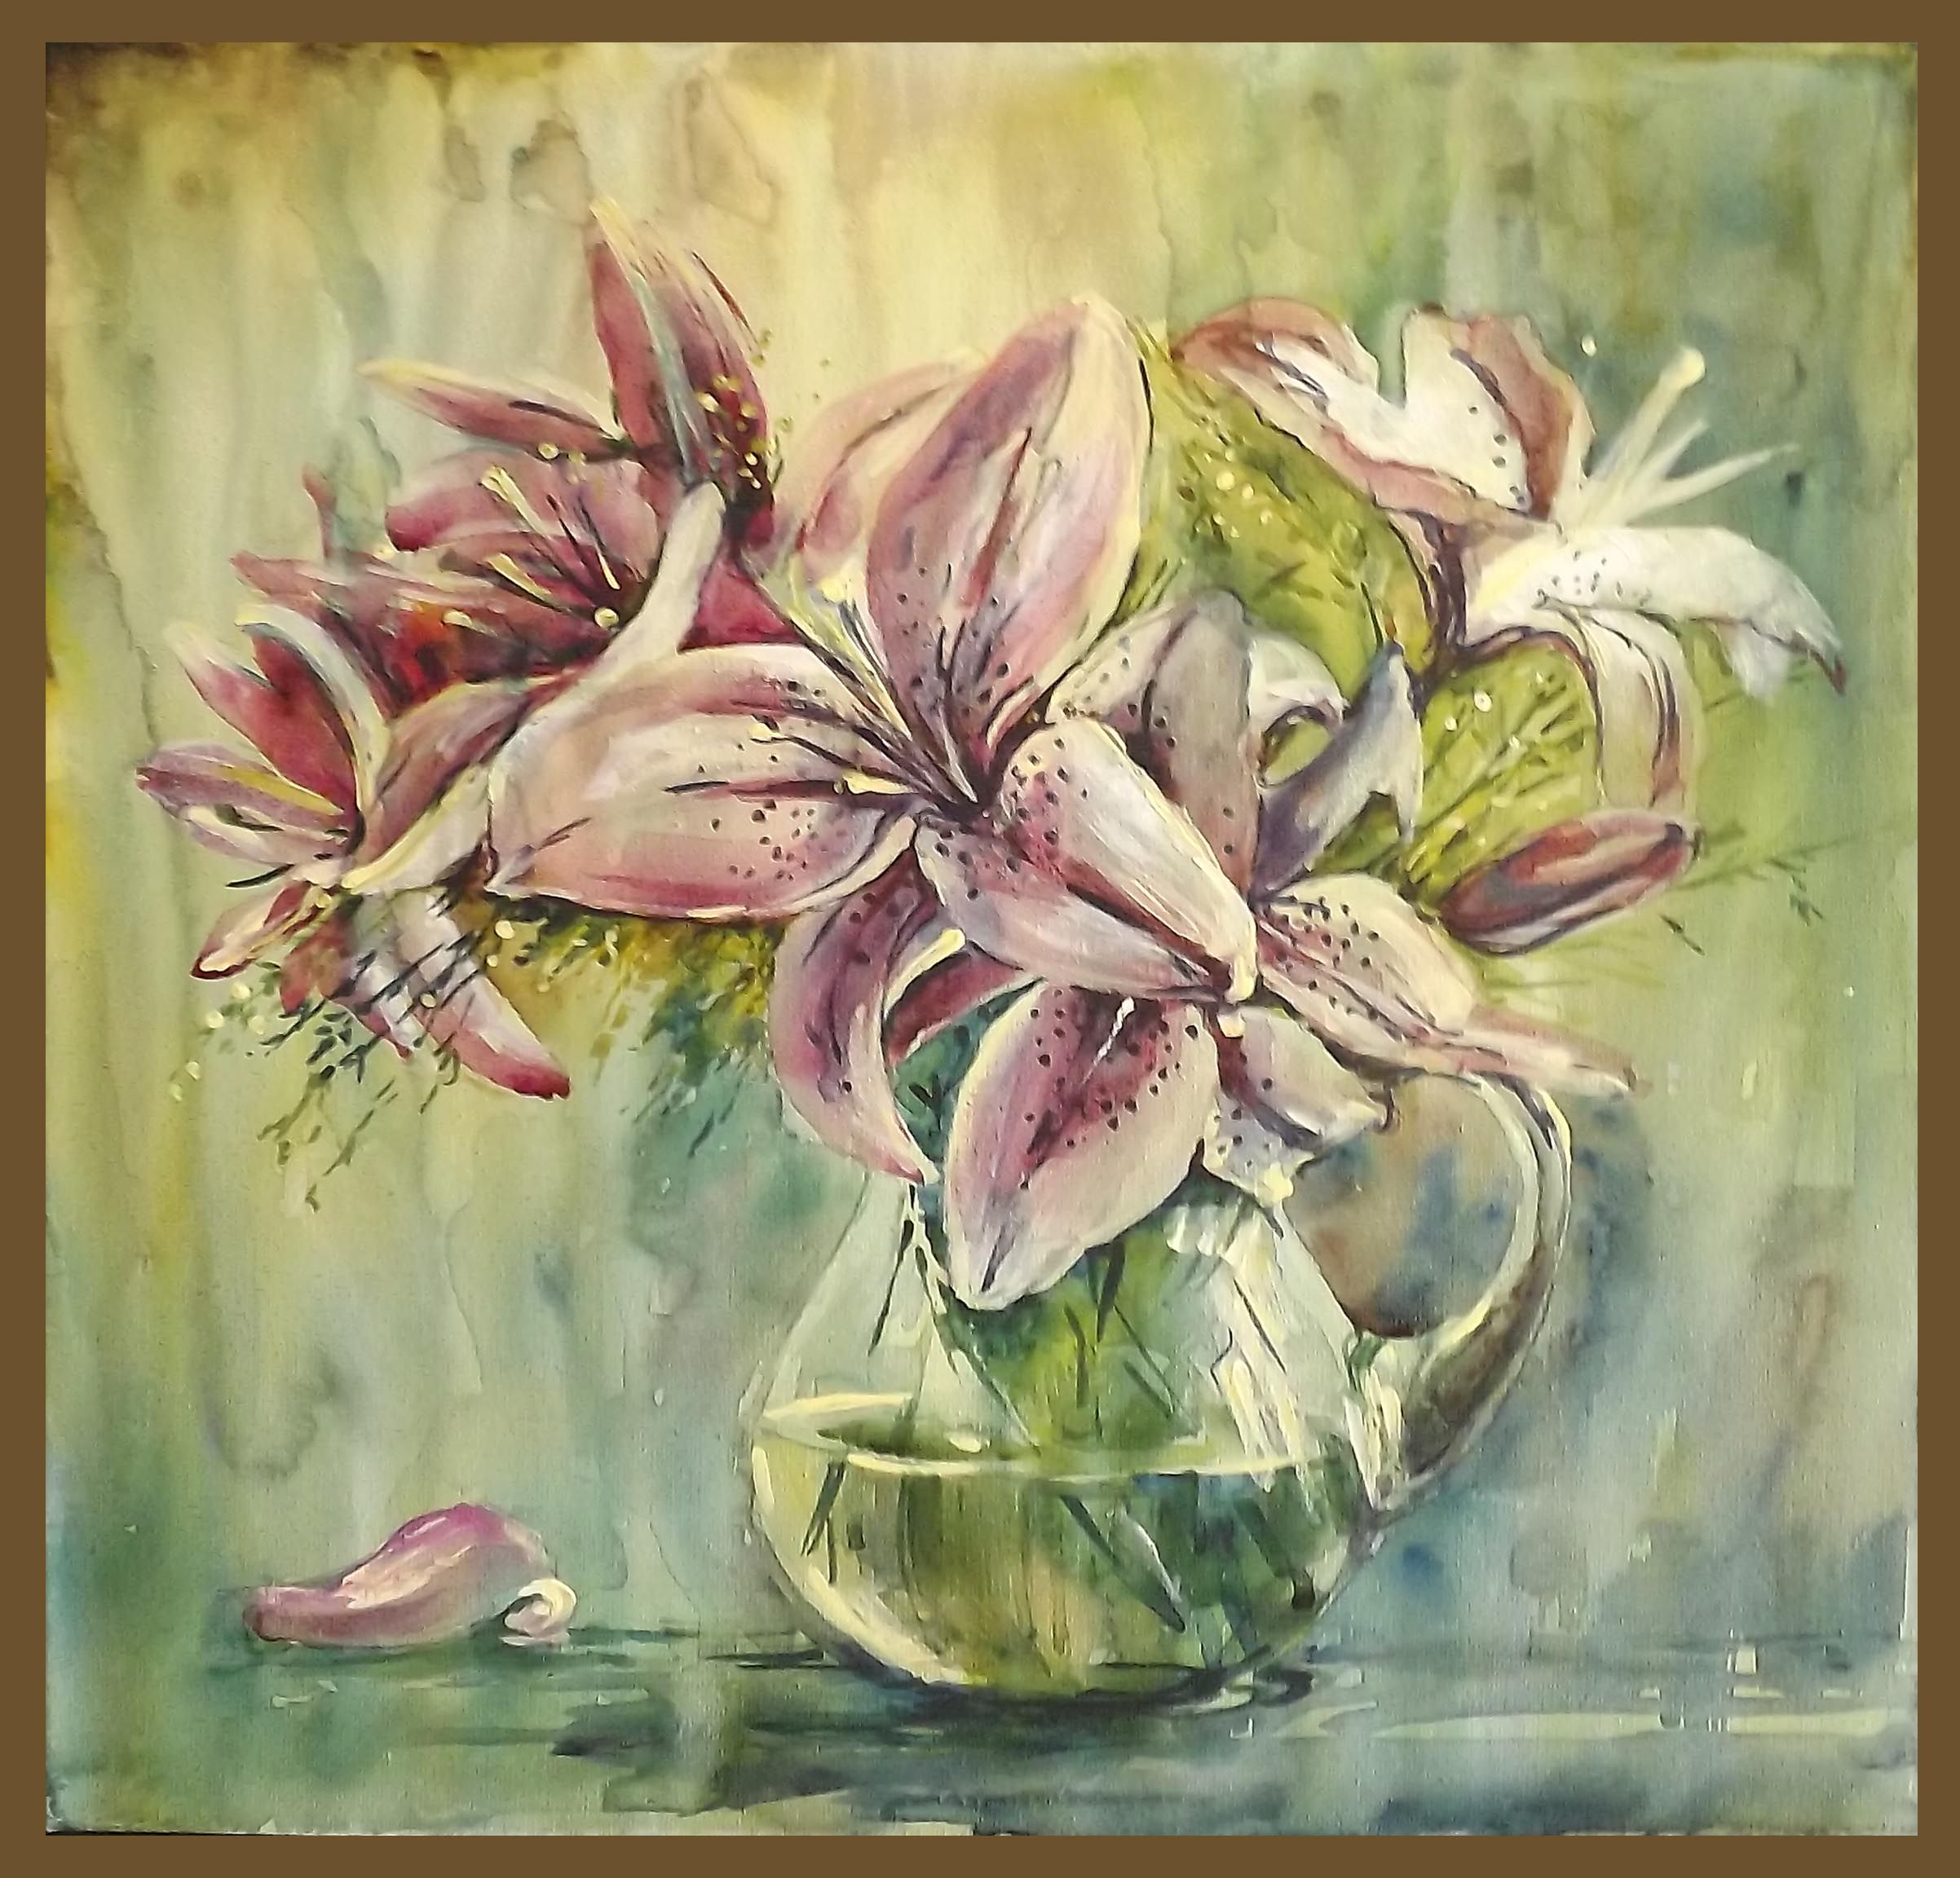 Лилии в стеклянной вазе | Картины, Живопись, Лилии